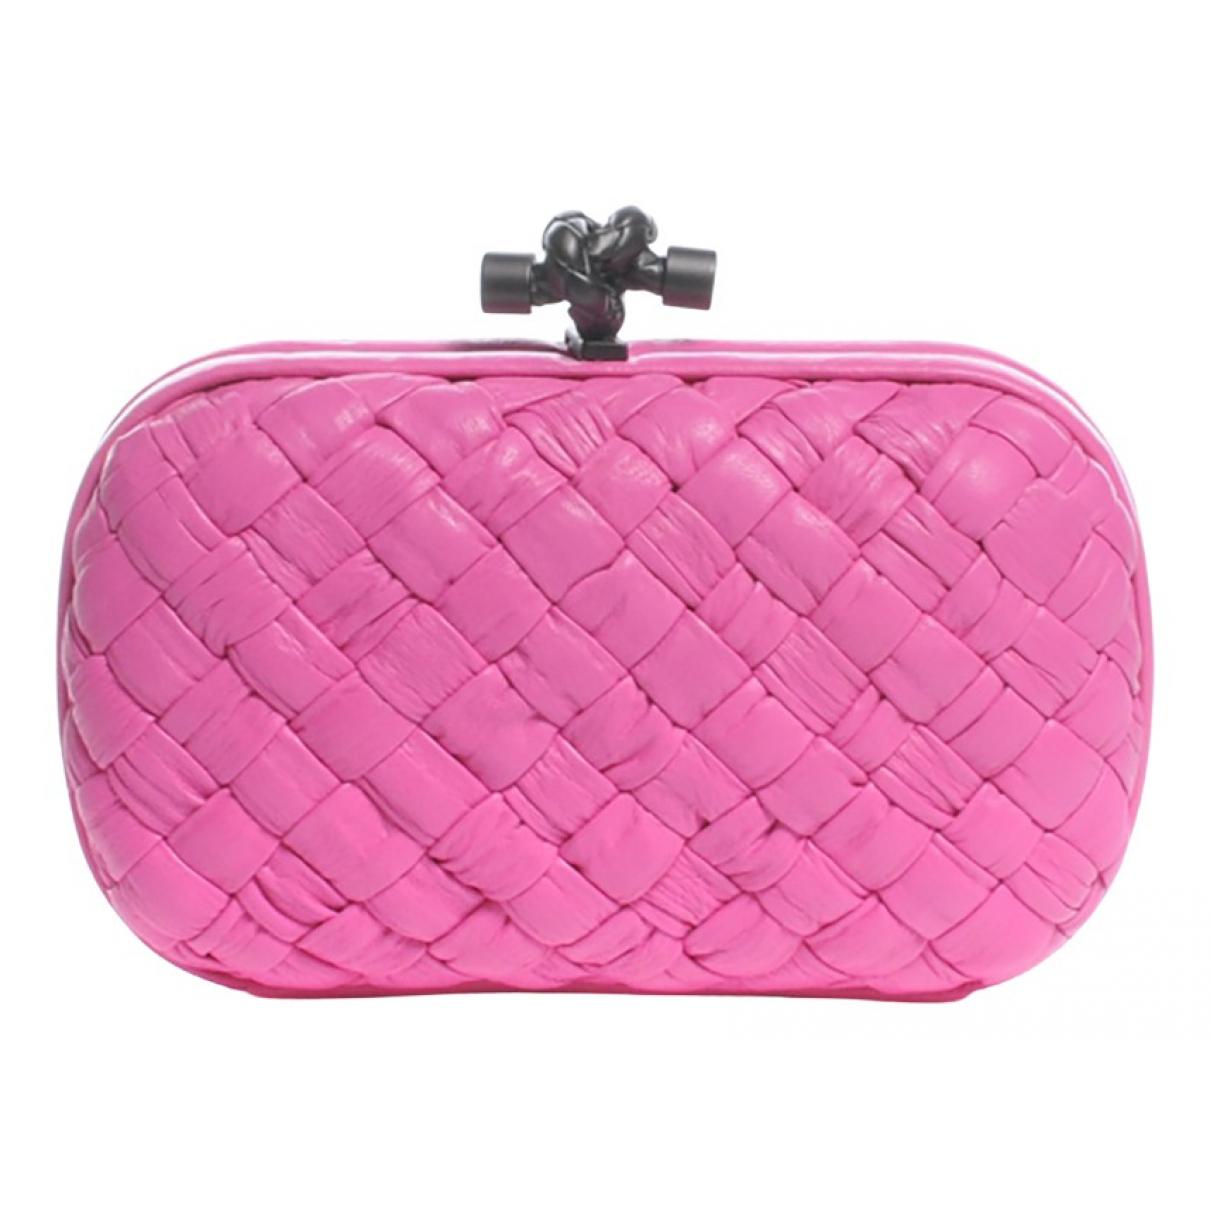 Bottega Veneta - Pochette Pochette Knot pour femme en cuir - rose